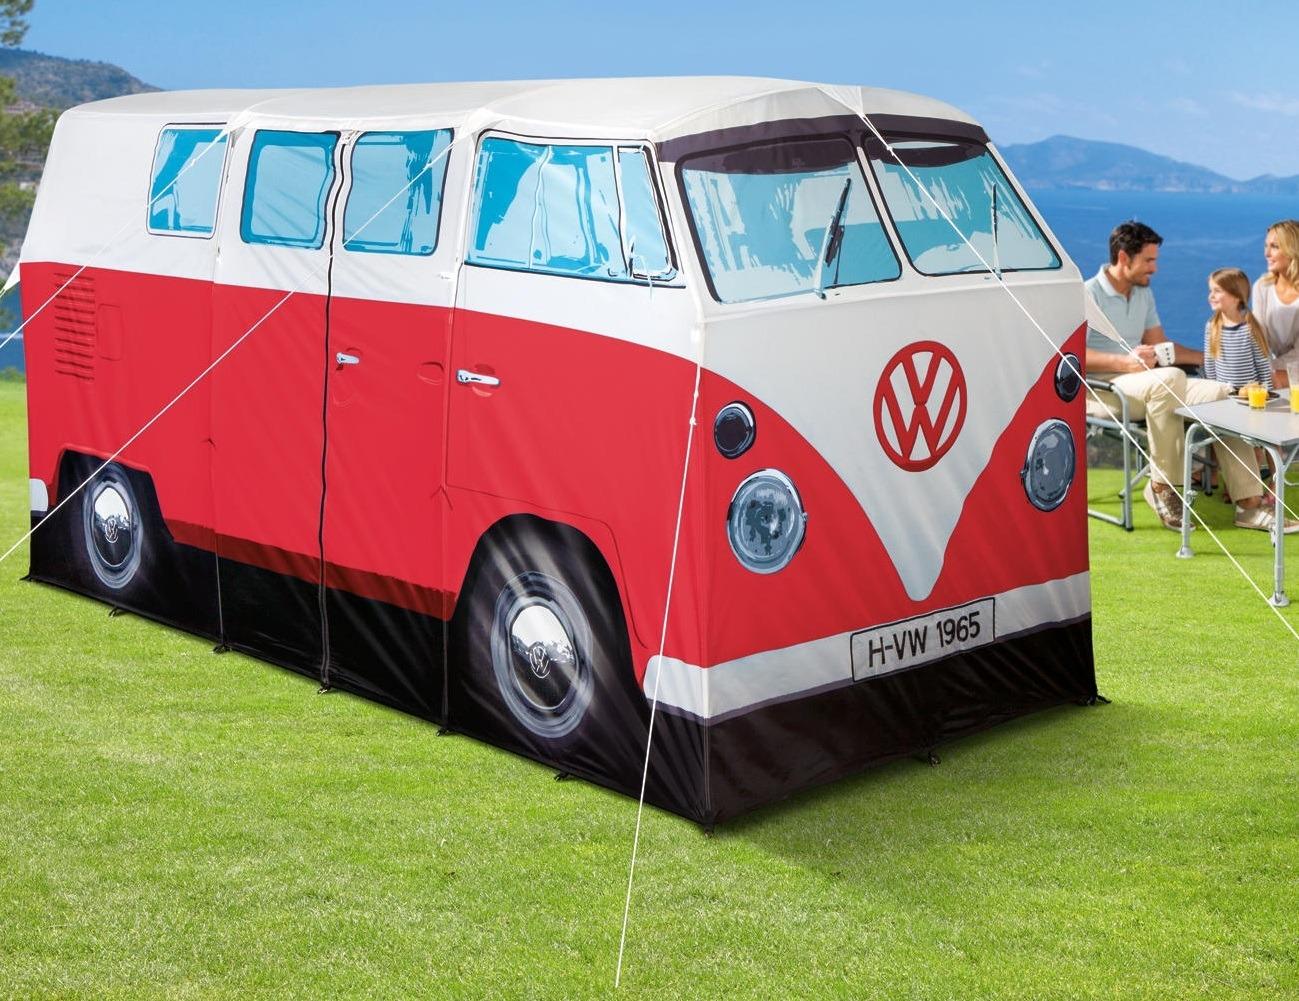 VW C&er Van Tent ... & VW Camper Van Tent » Gadget Flow